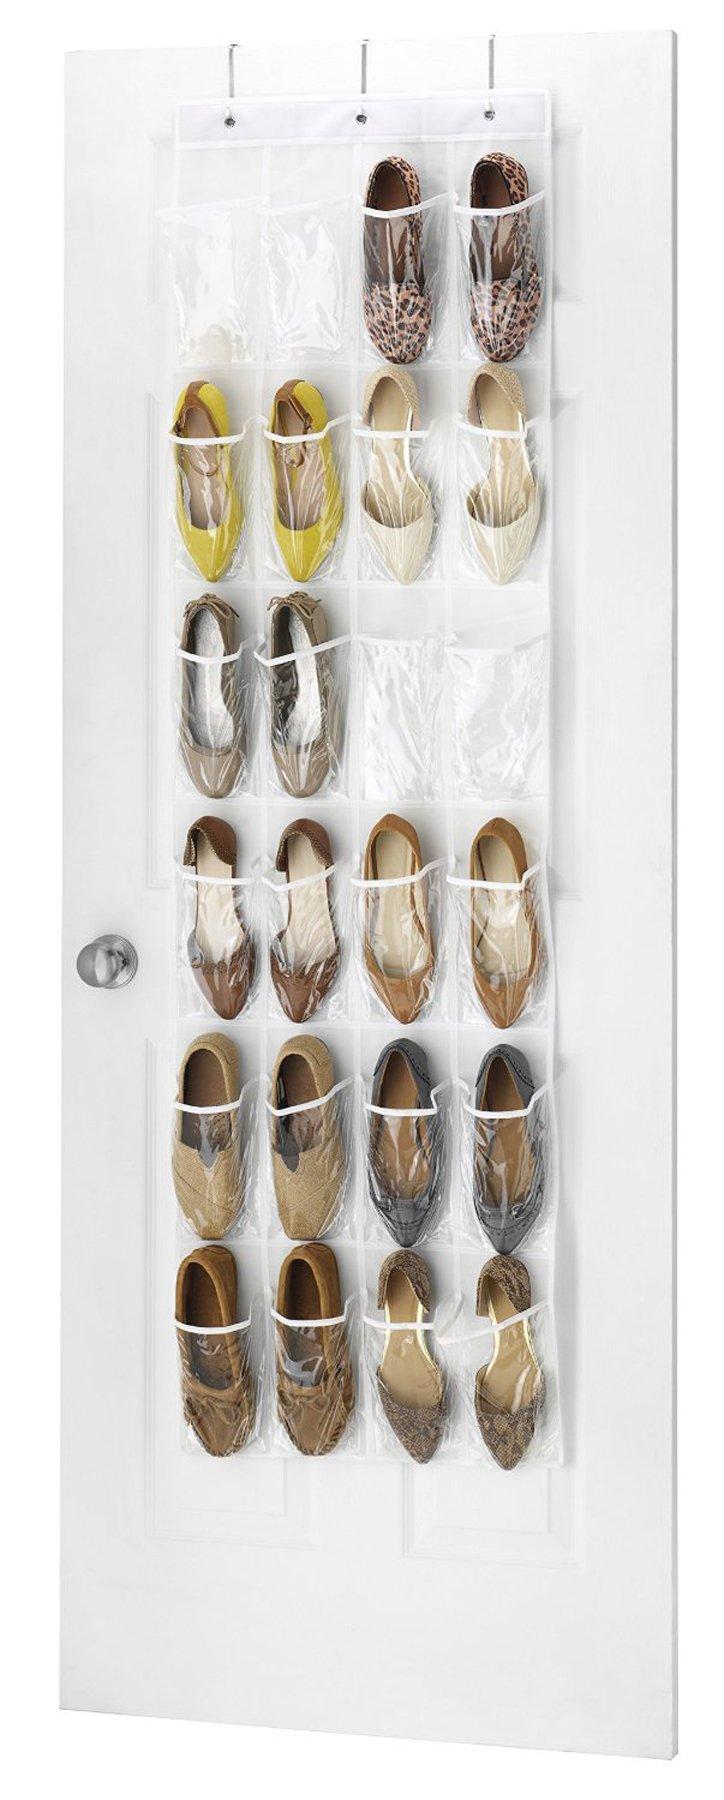 Cheap Closet Door Accessories Find Closet Door Accessories Deals On